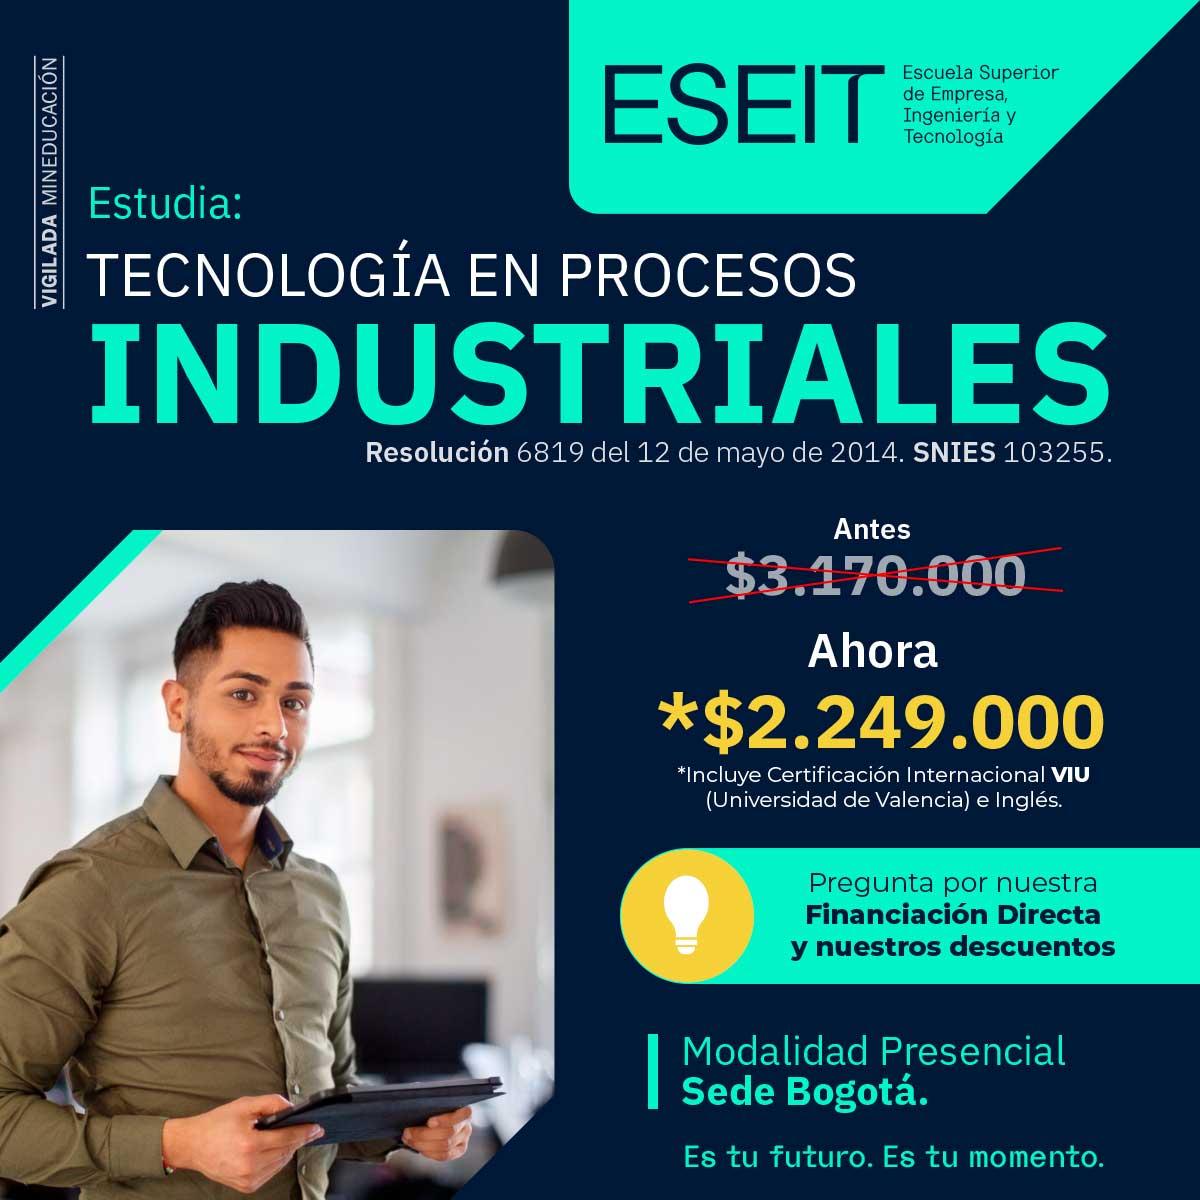 Estudia tecnología en procesos induistriales en ESEIT